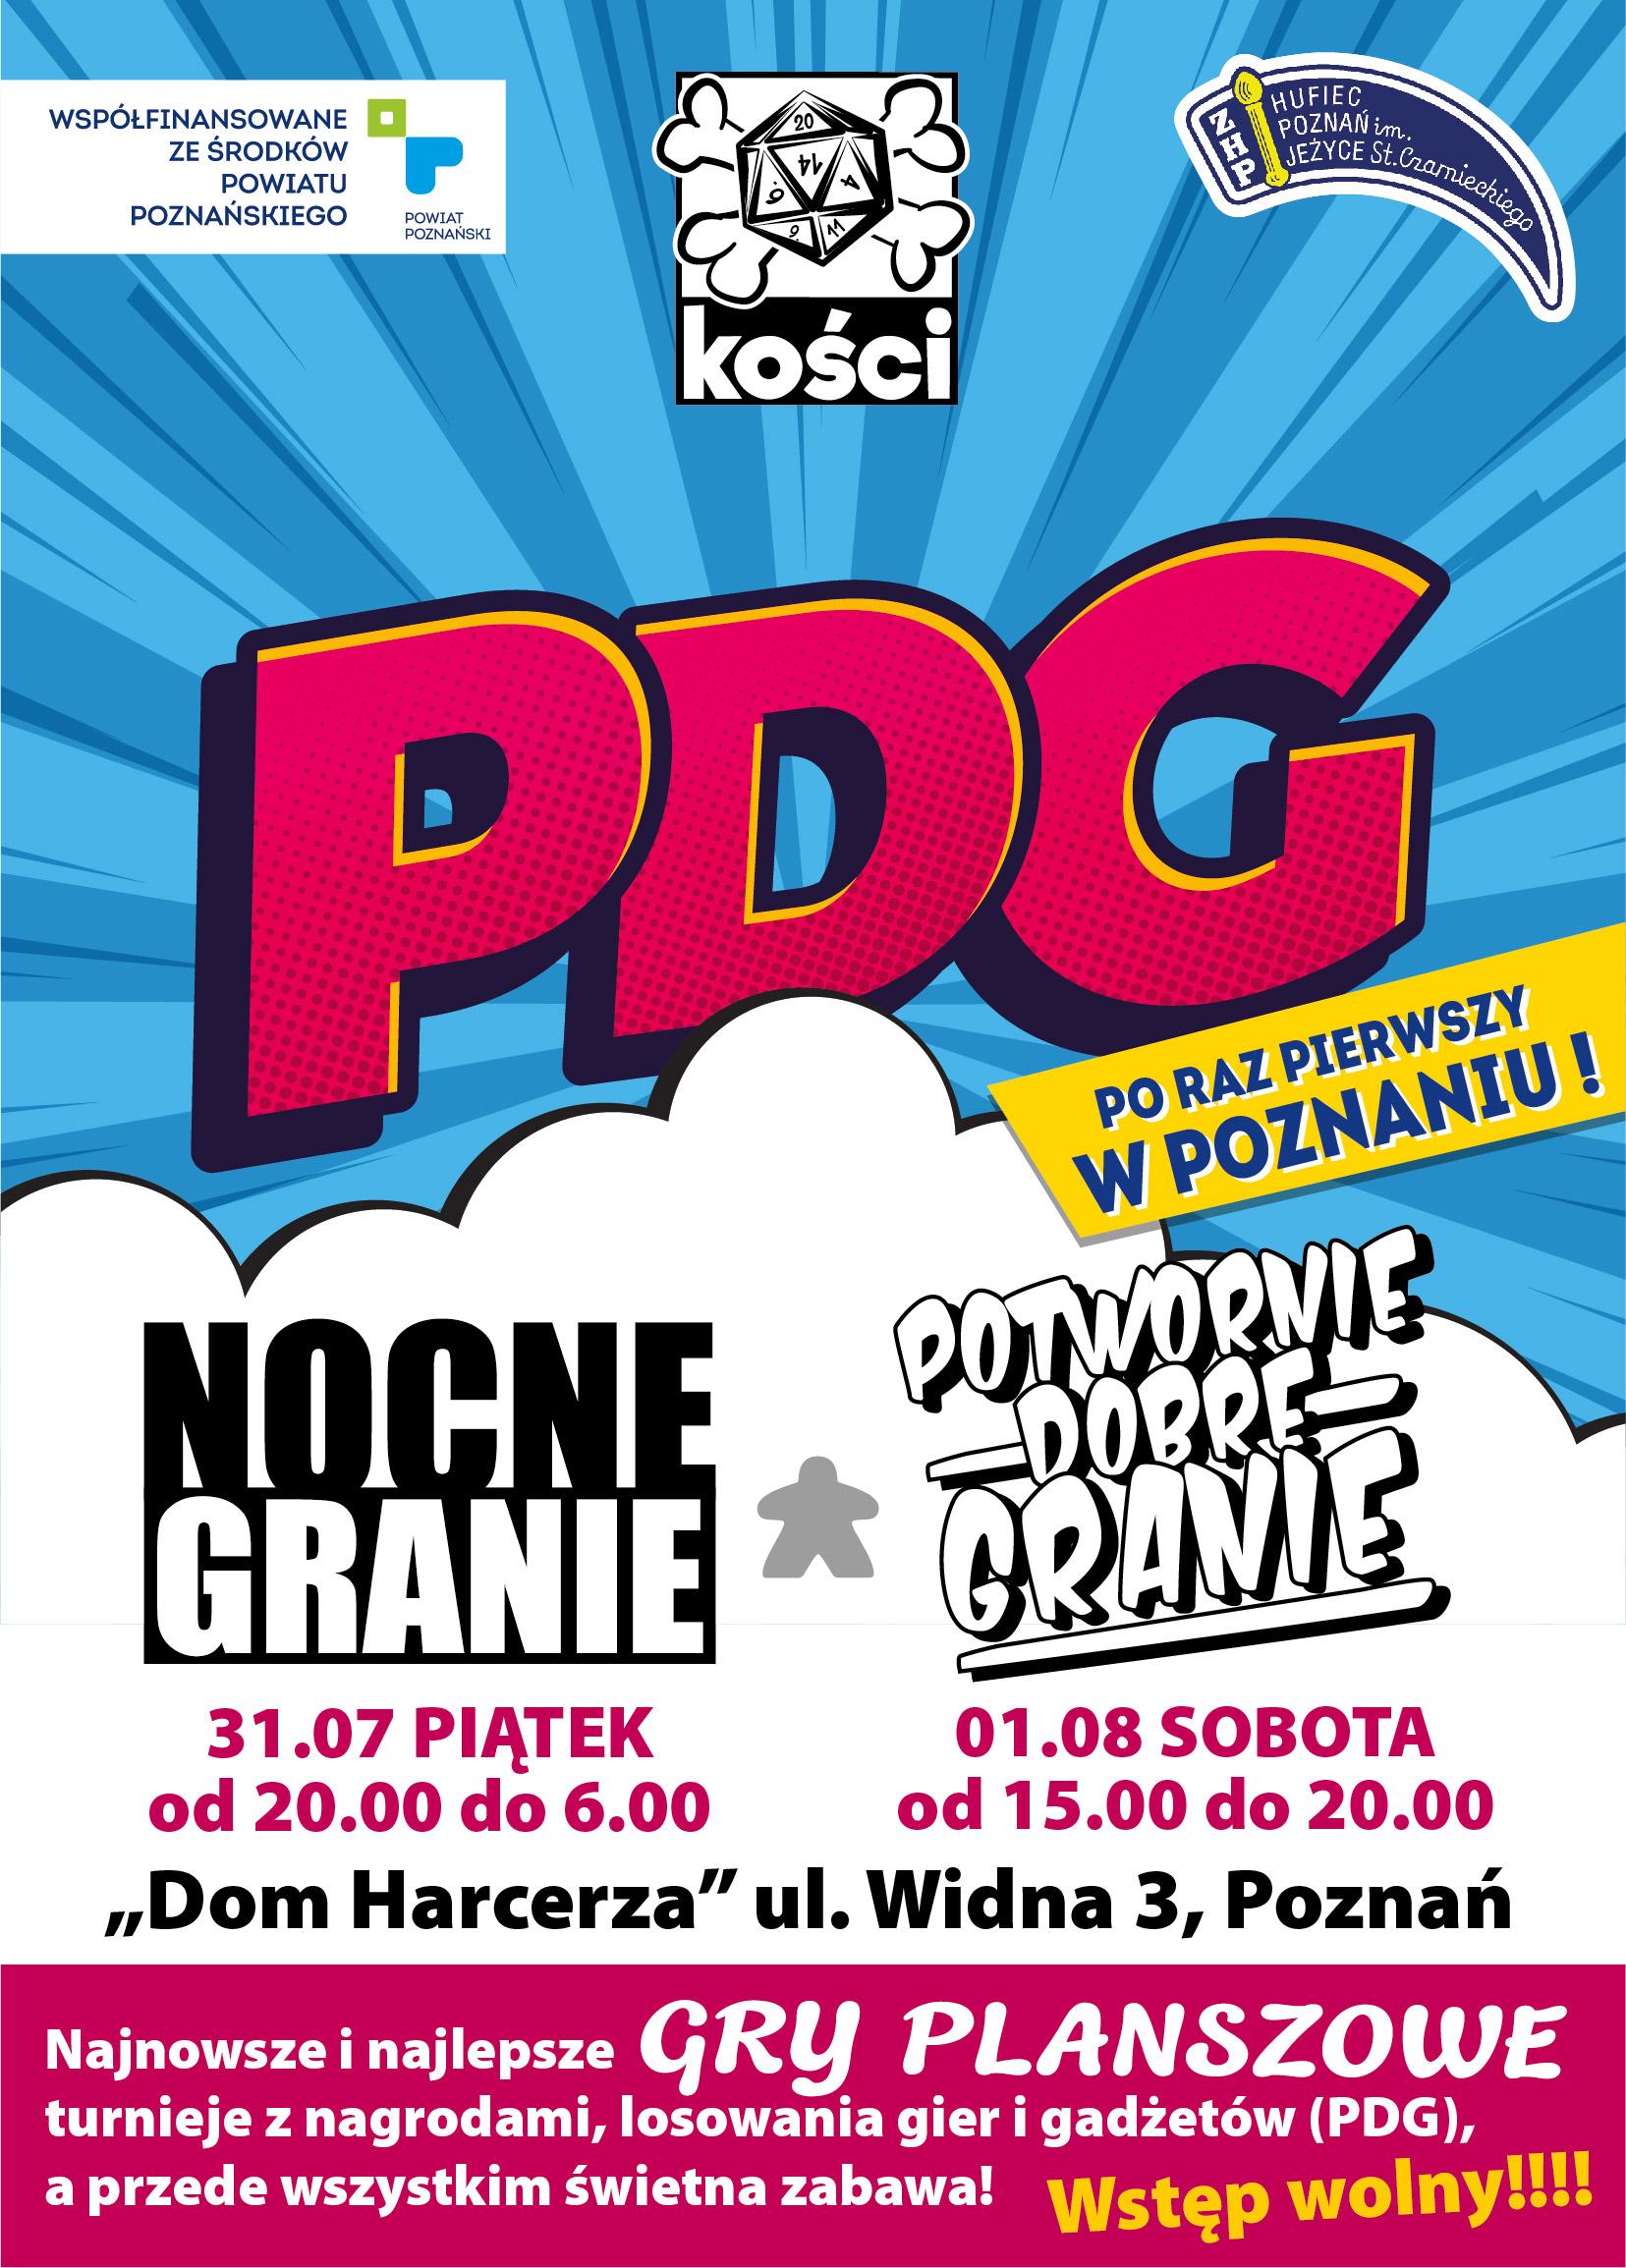 Plakat imprezy z grami planszowymi na poznańskim Placu Wolności w dniacg 31 lipiec i 1 sierpień 2020